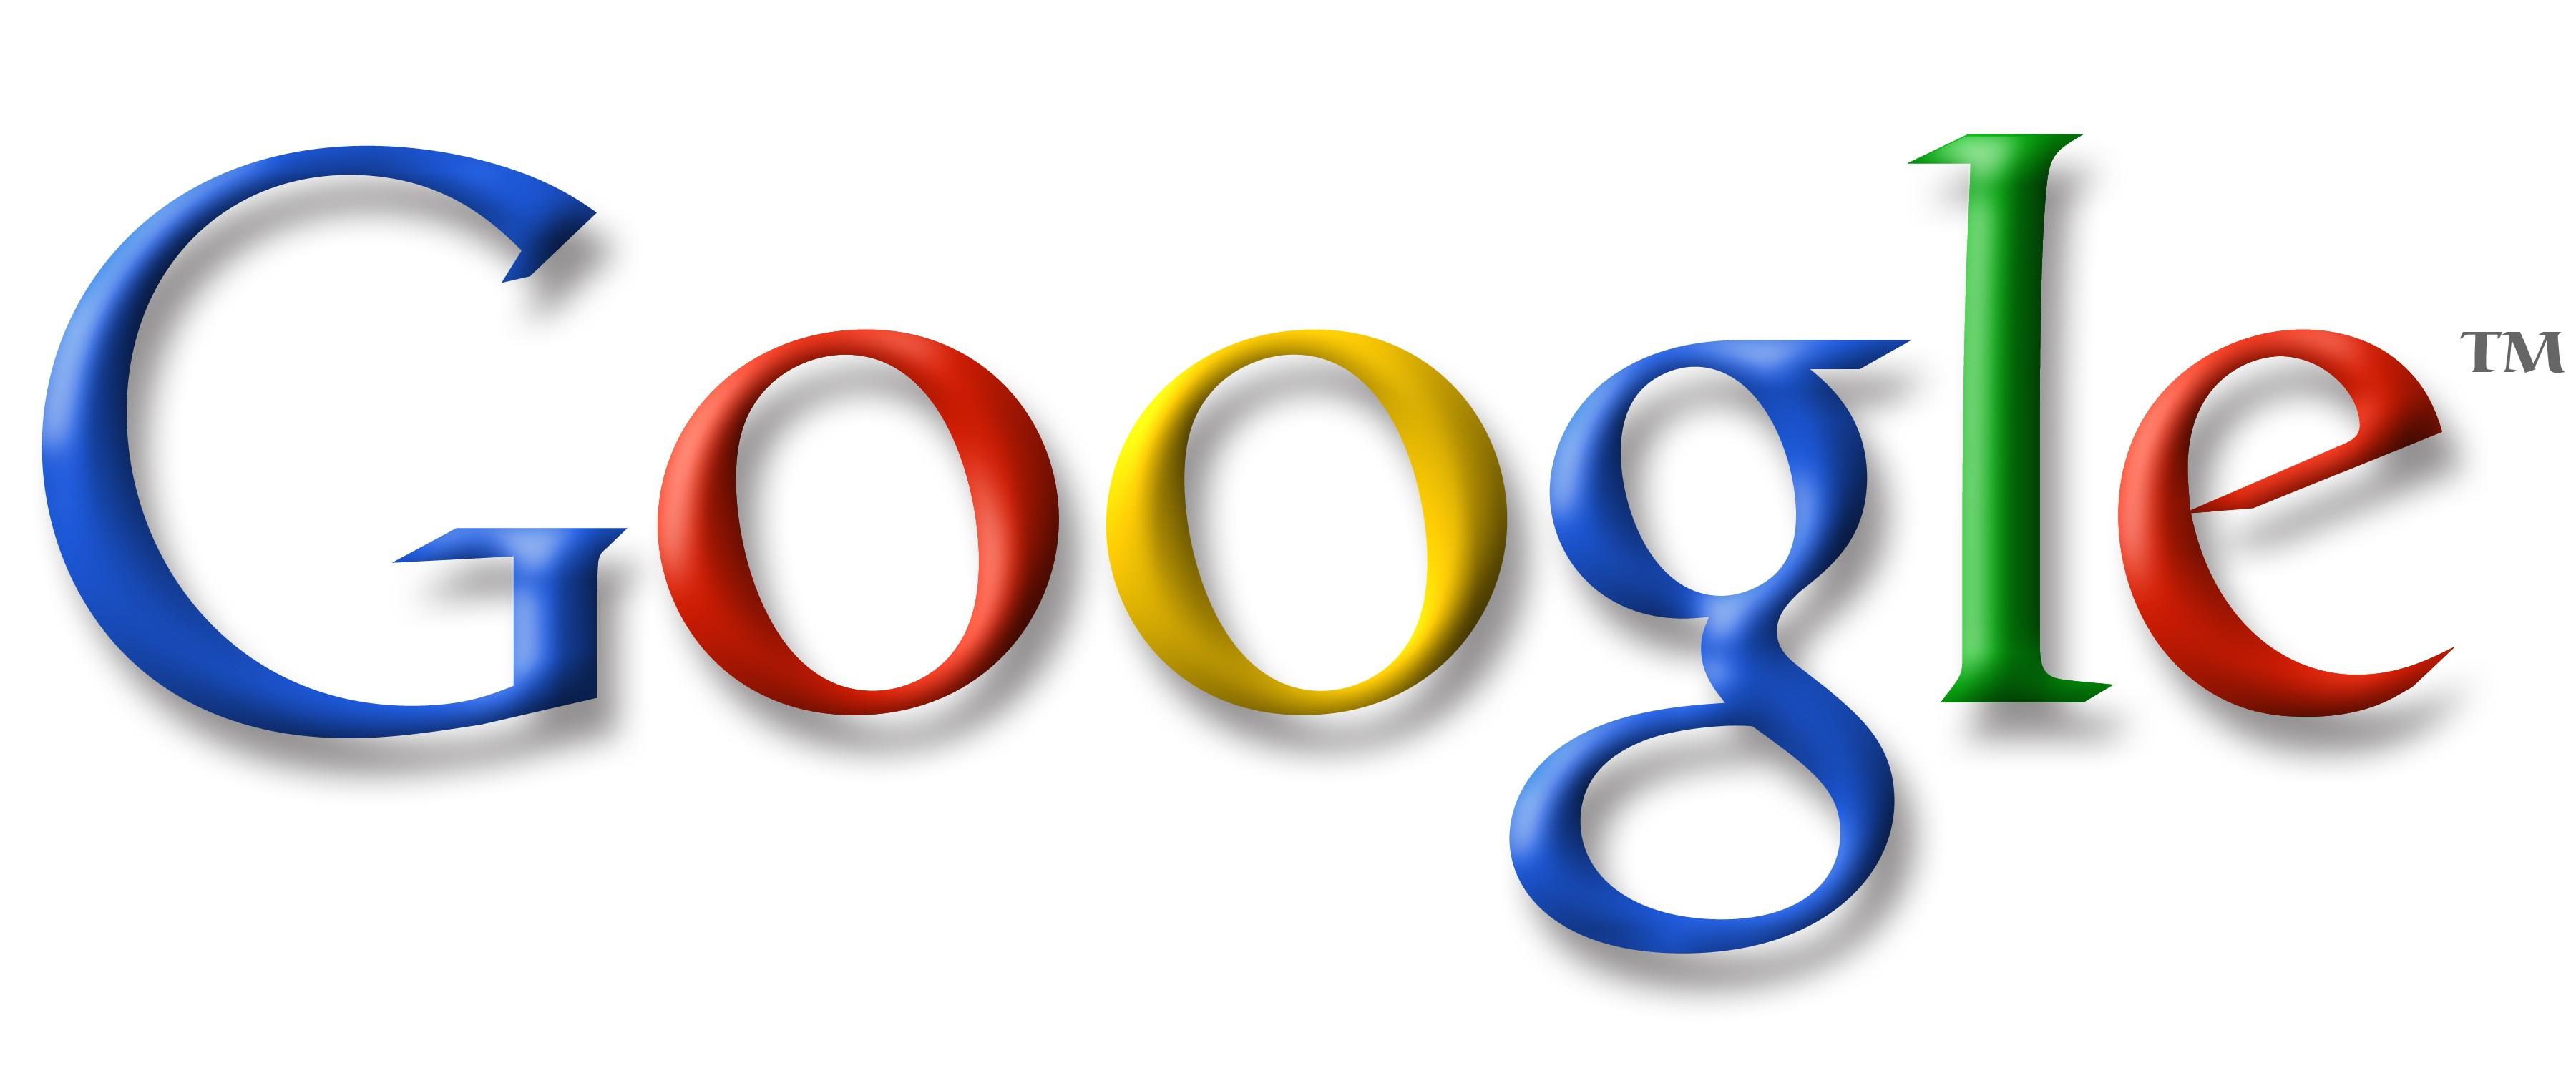 Google, kdo by ho neznal?